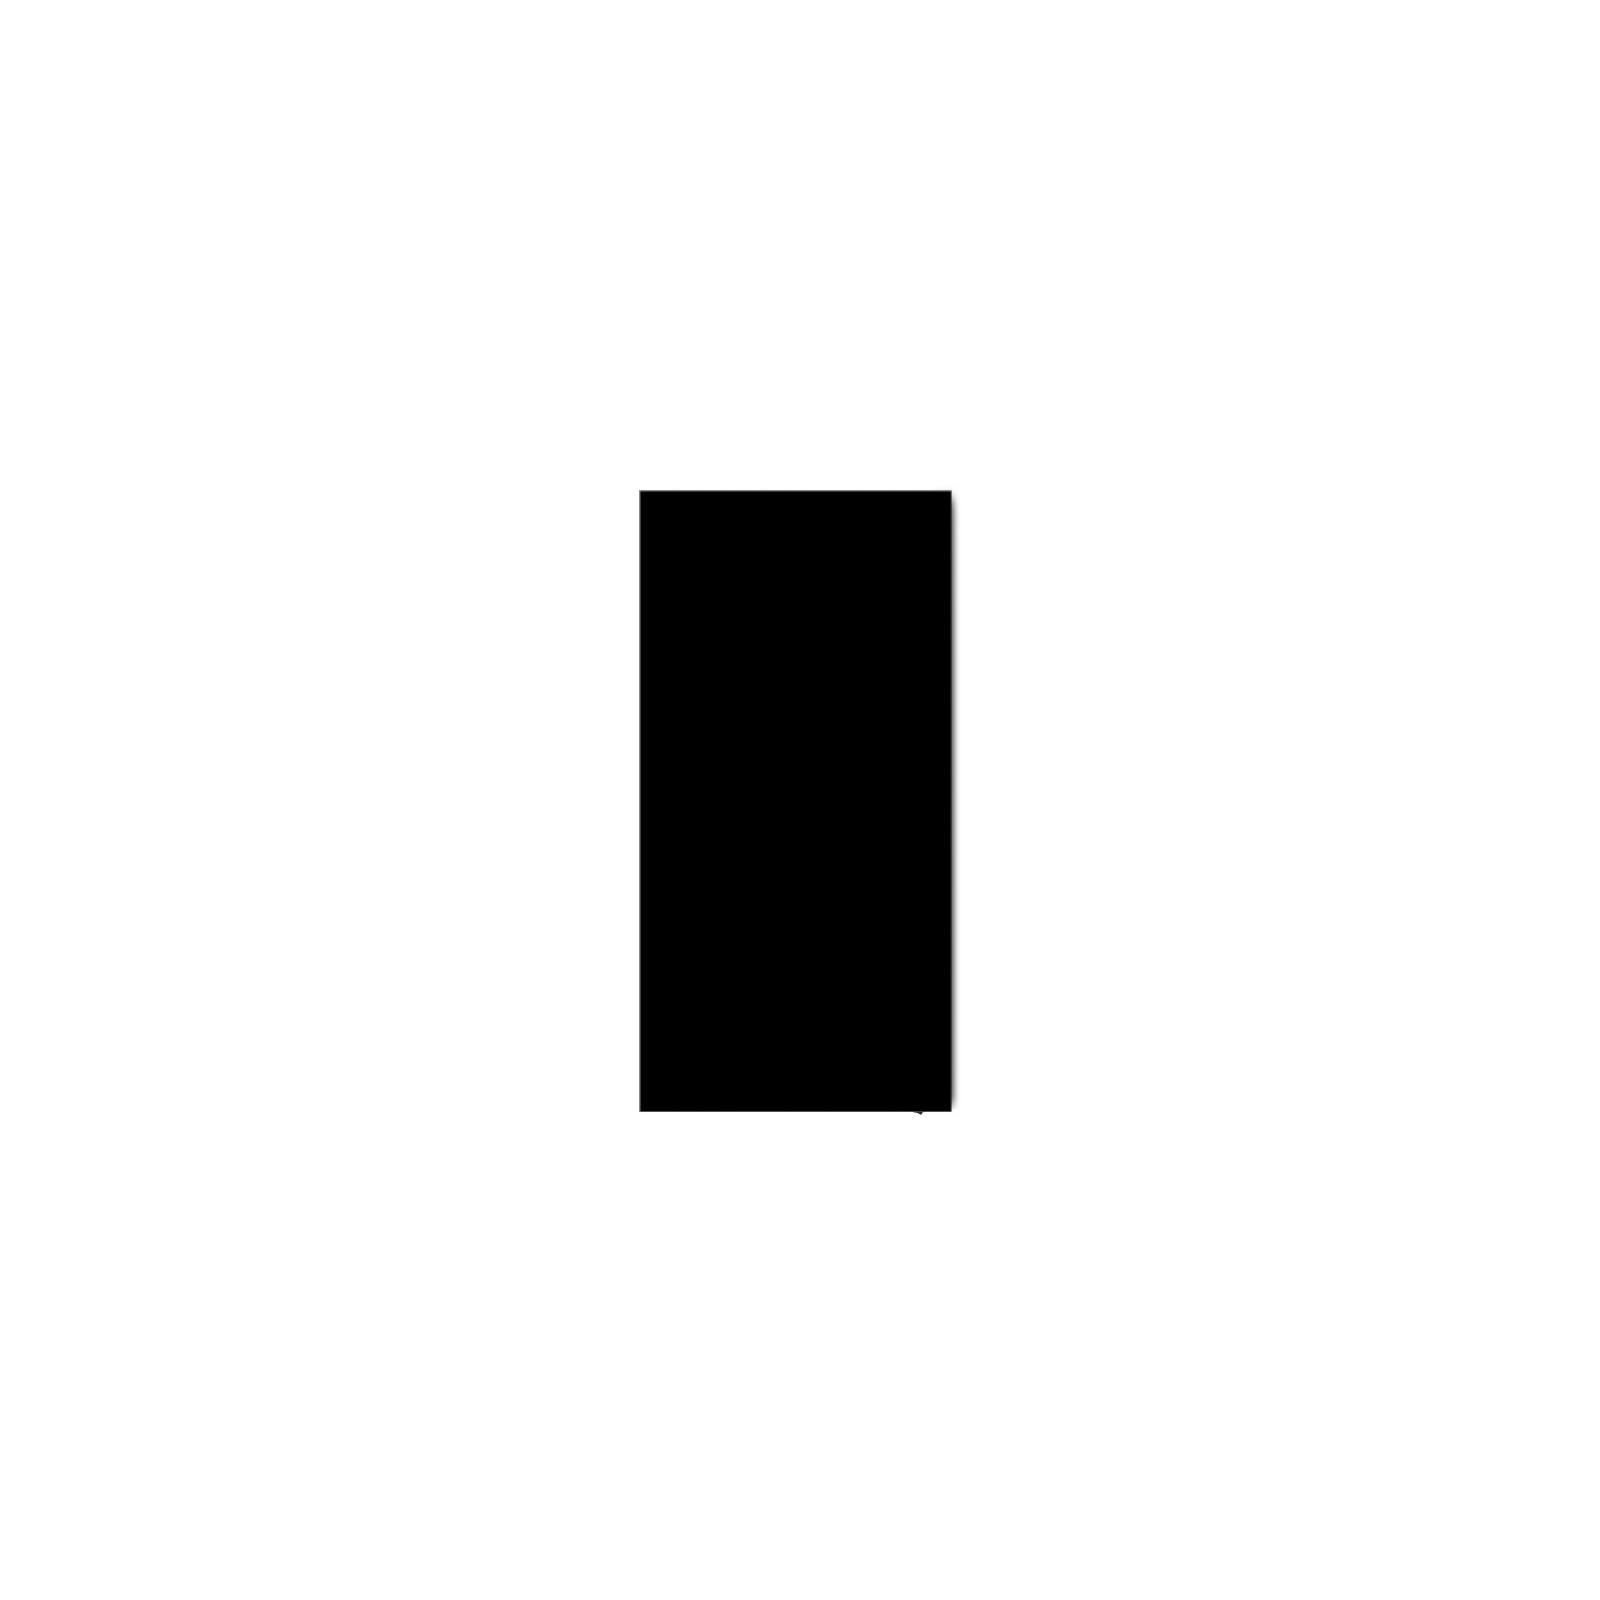 Обогреватель Teploceramic ТСМ 800 Beige изображение 4